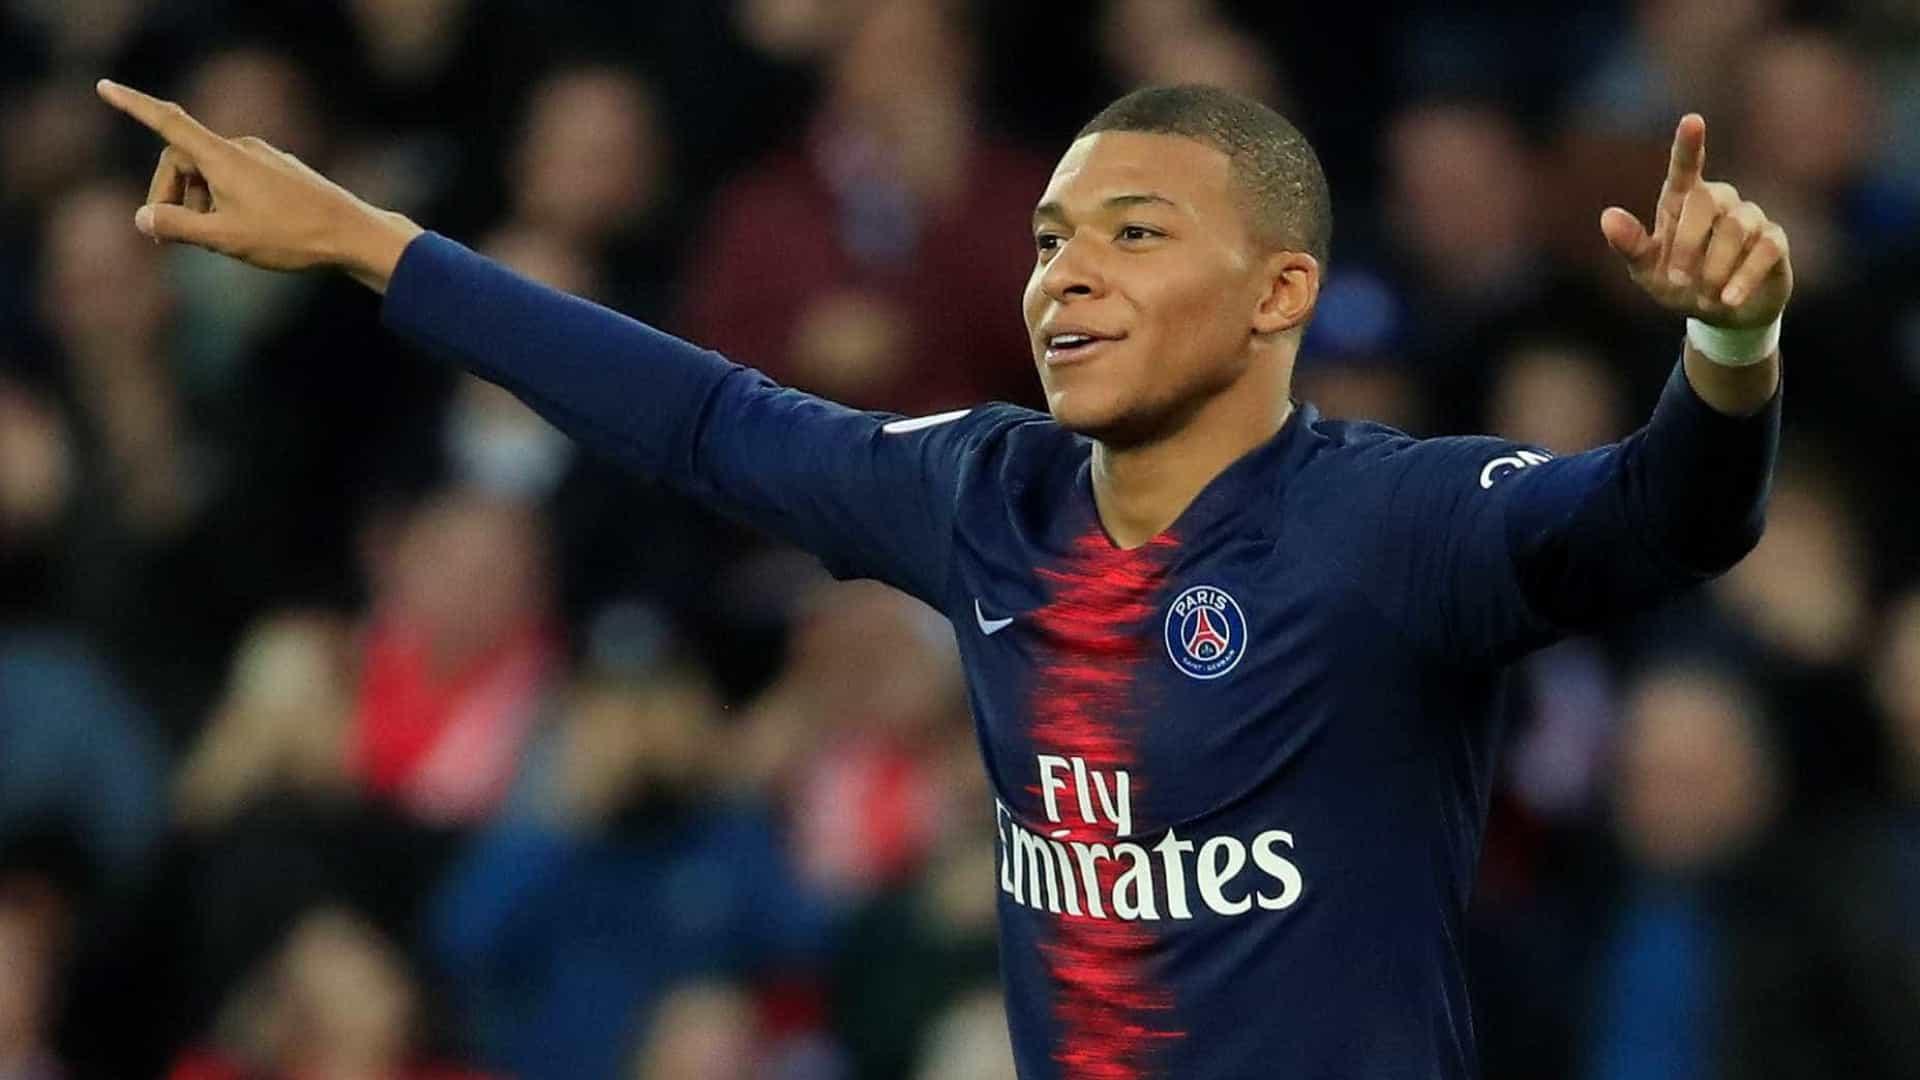 naom 5c71951902253 - Mbappé sela permanência no PSG e põe pressão sobre situação de Neymar